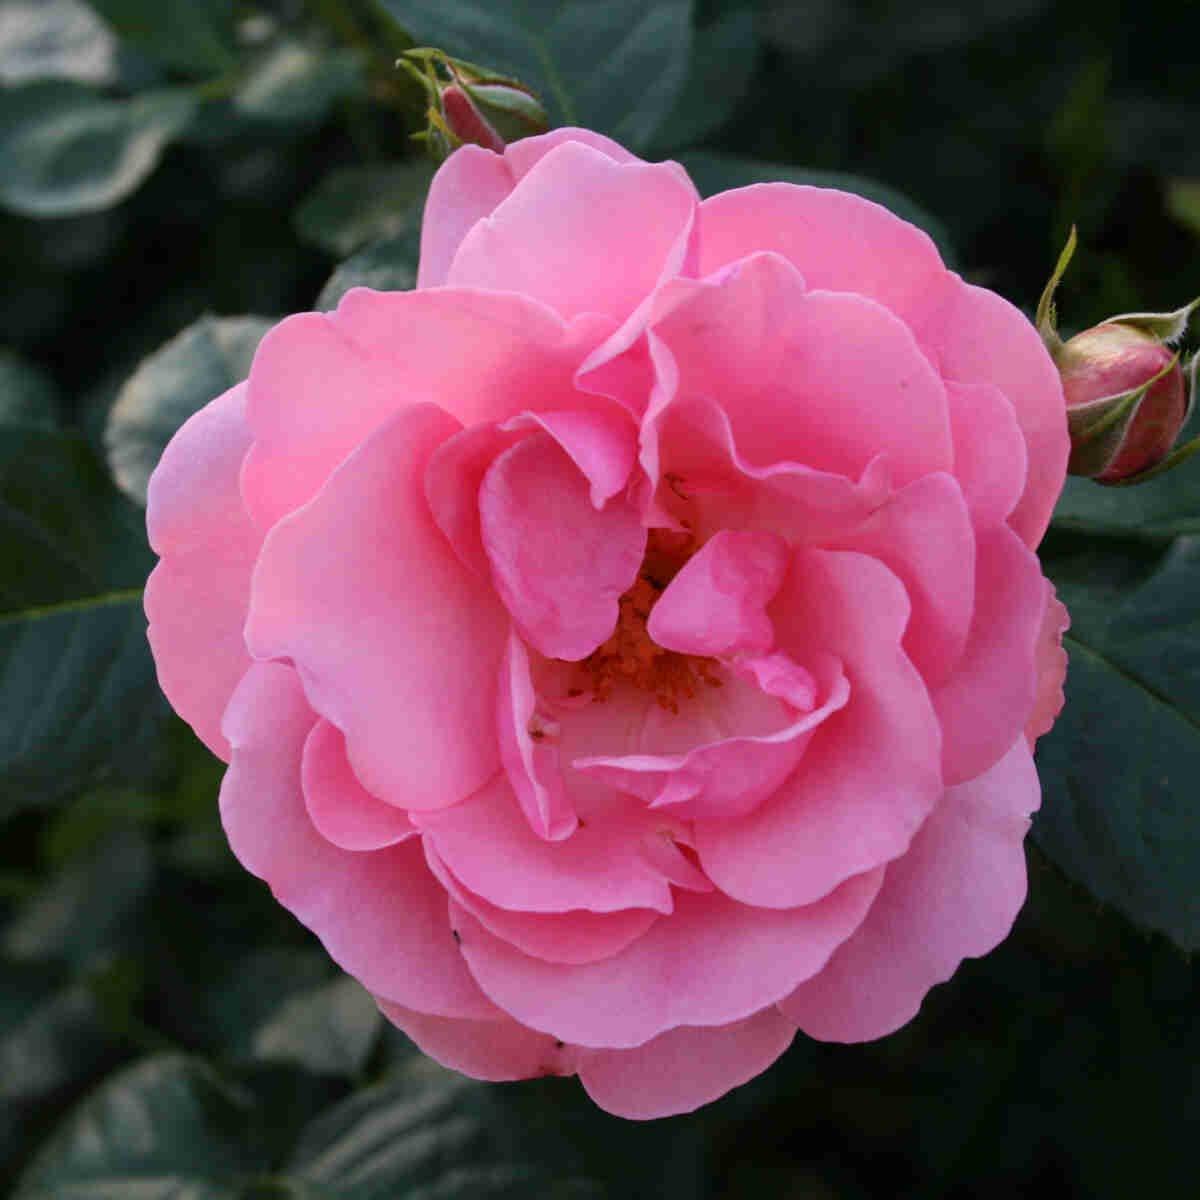 Rose 'Egeskov'